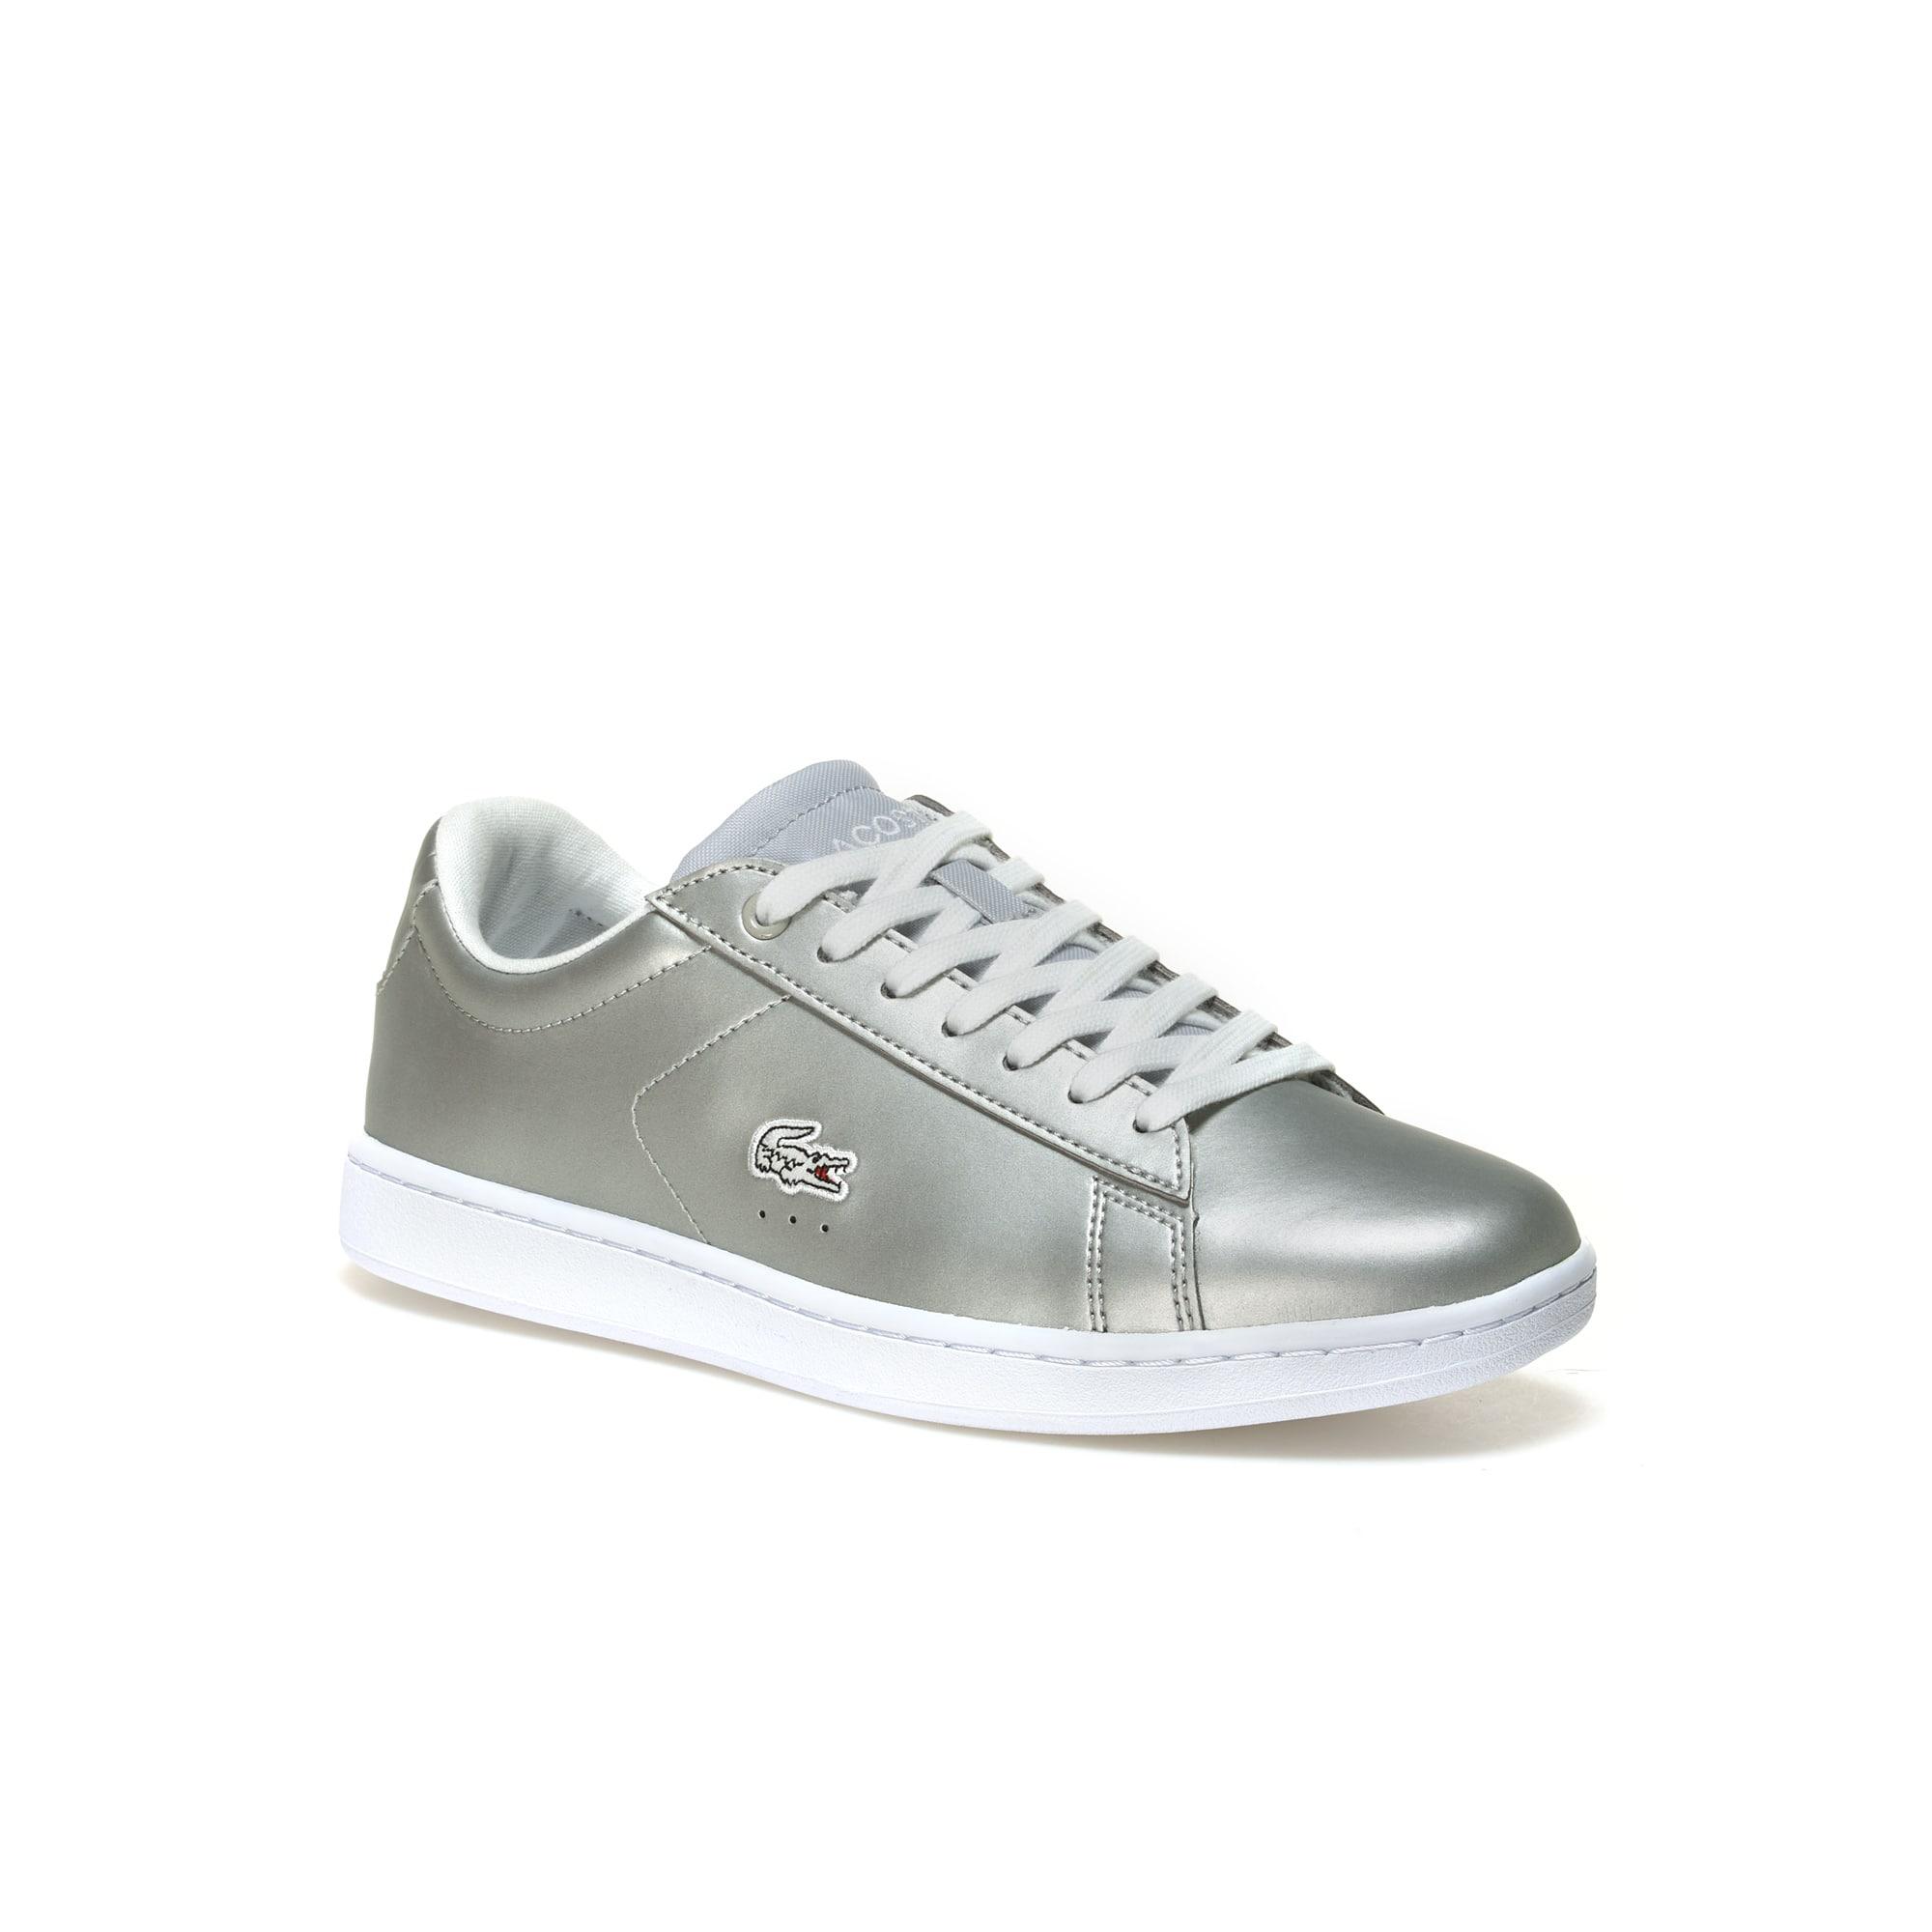 Women's Carnaby Evo Sneakers